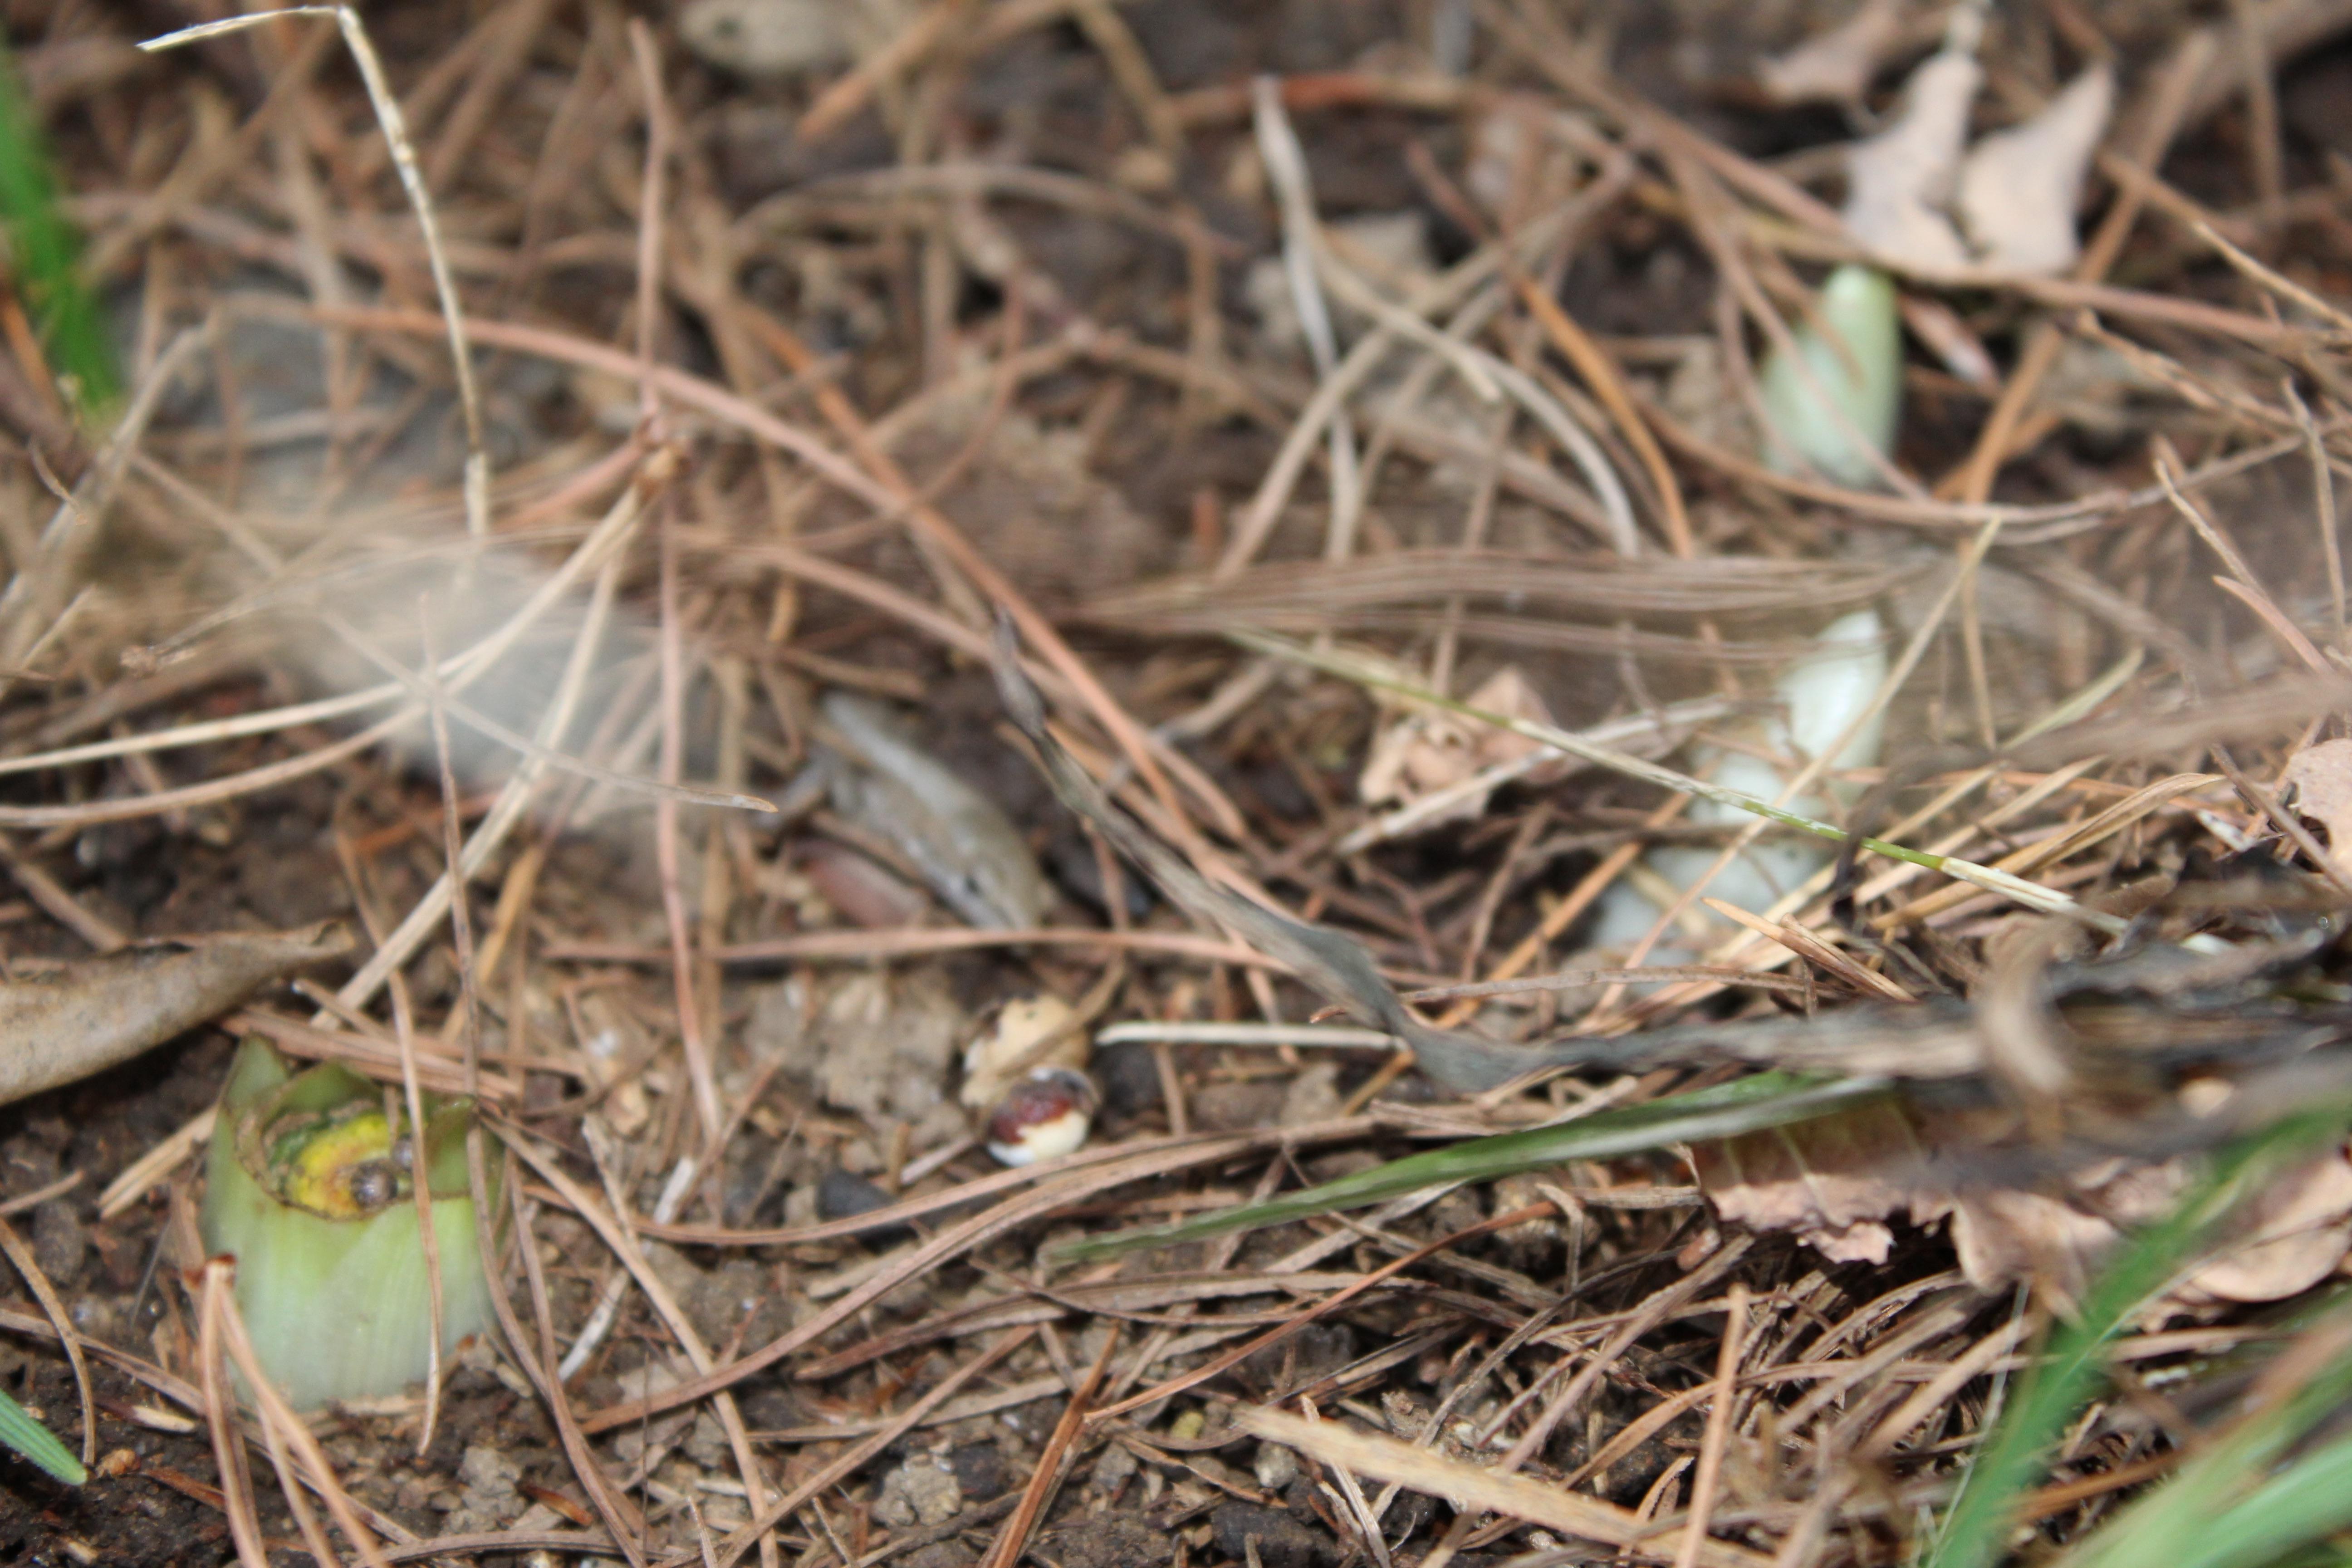 福寿草(ふくじゅそう)の芽吹きを見つけました。